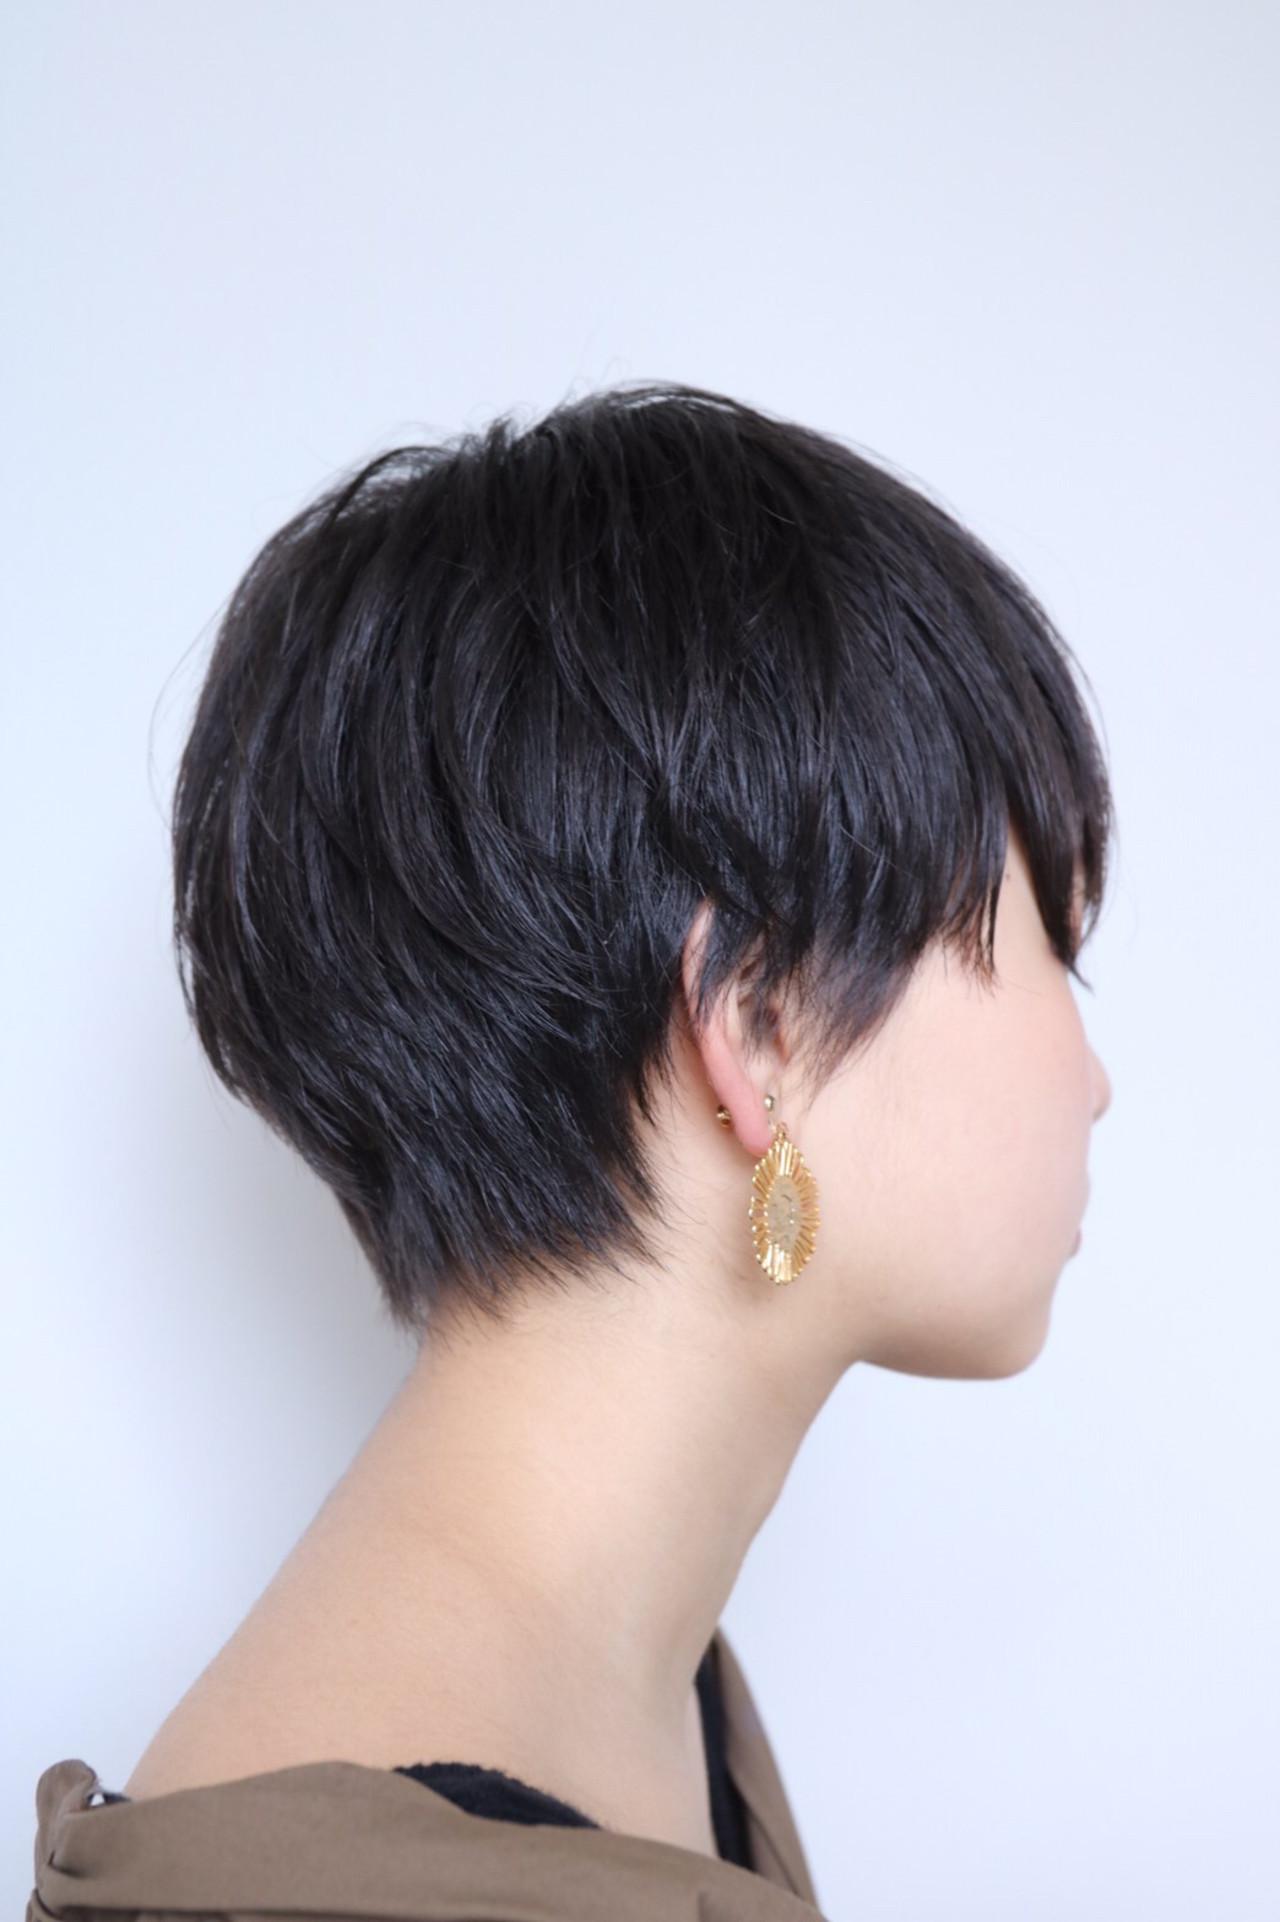 ベリーショート 小顔ショート 黒髪 マッシュショート ヘアスタイルや髪型の写真・画像 | 福田 拓郎 / Gluck (グルーク)